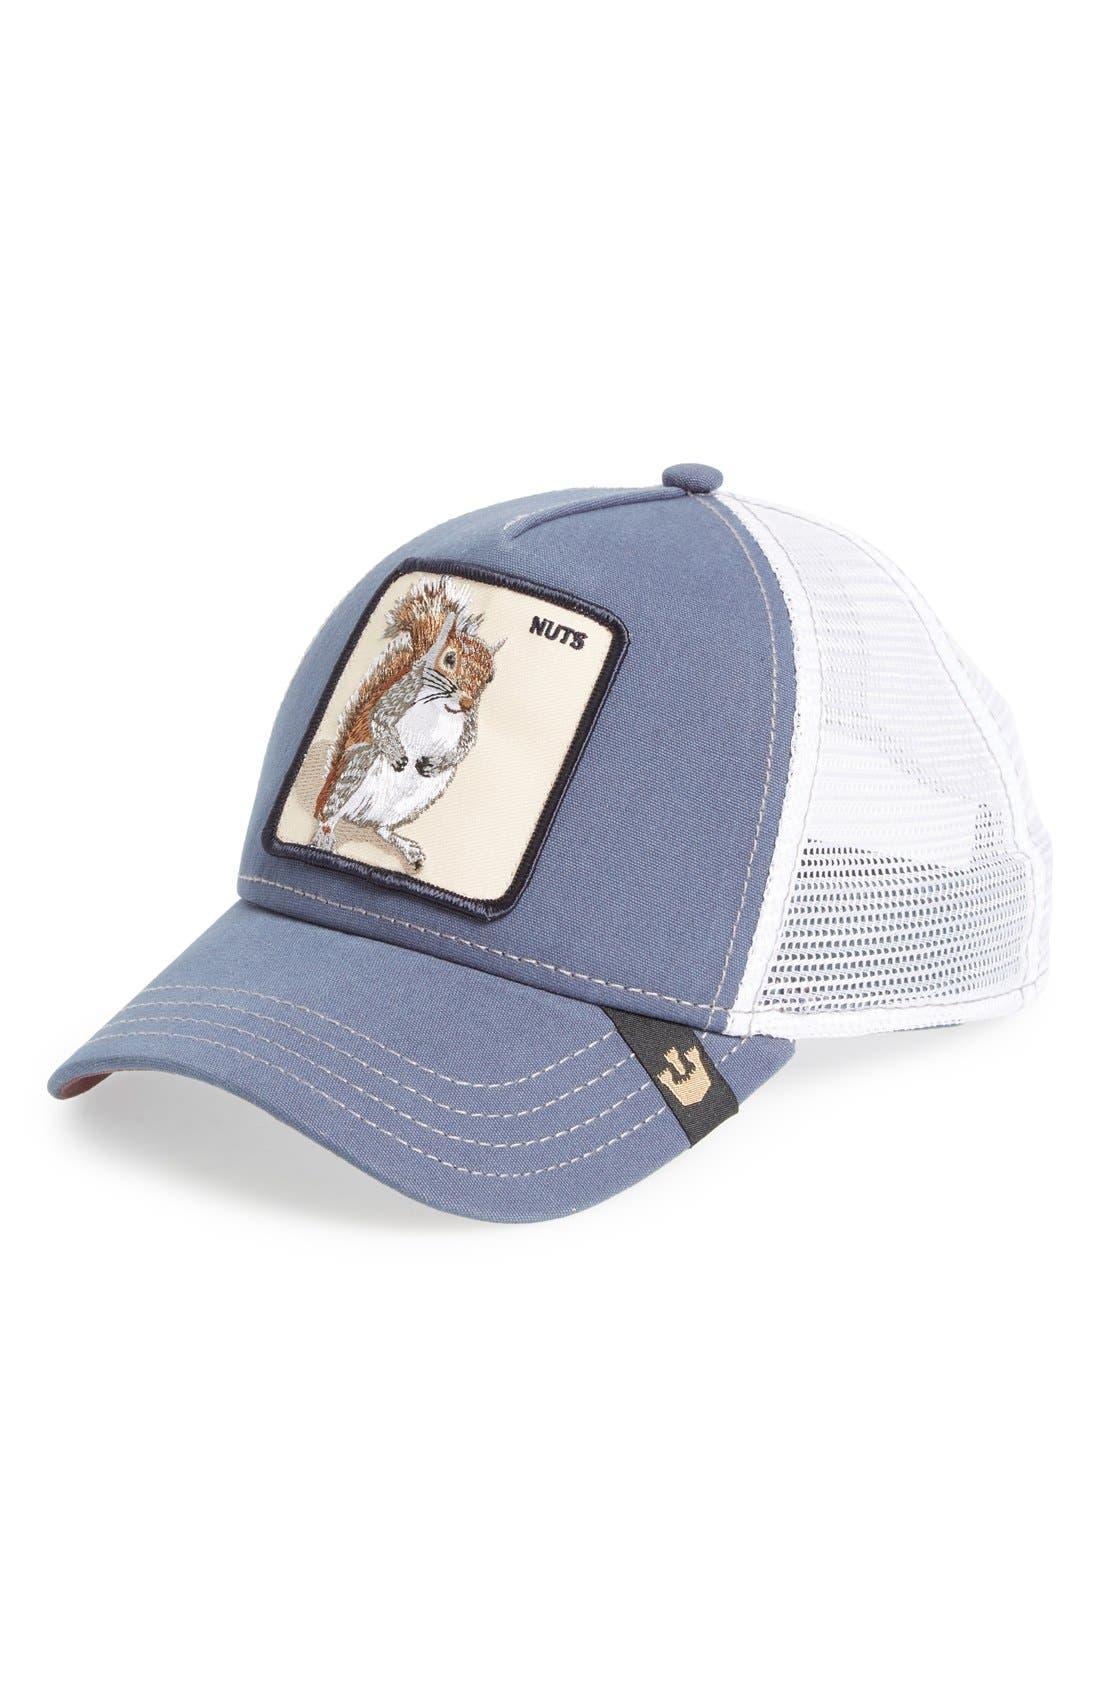 GOORIN BROTHERS Nutty Trucker Hat